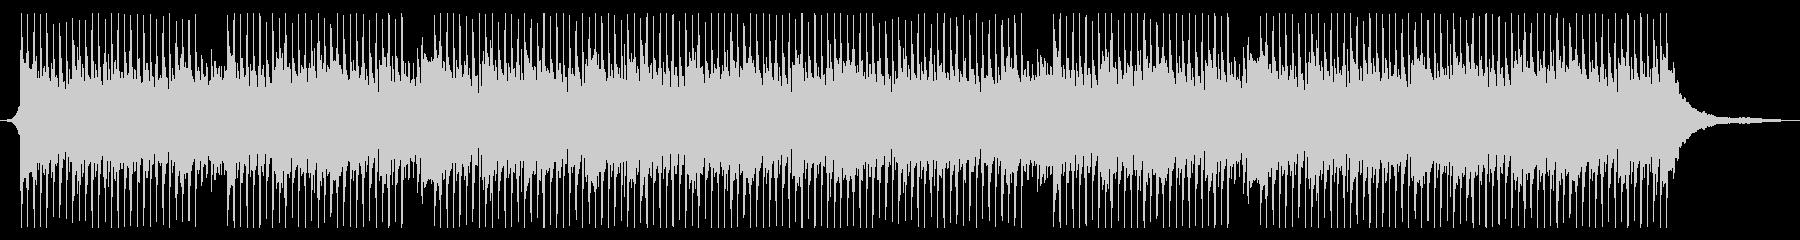 シンセ無し ピアノ 爽快 STARTの未再生の波形